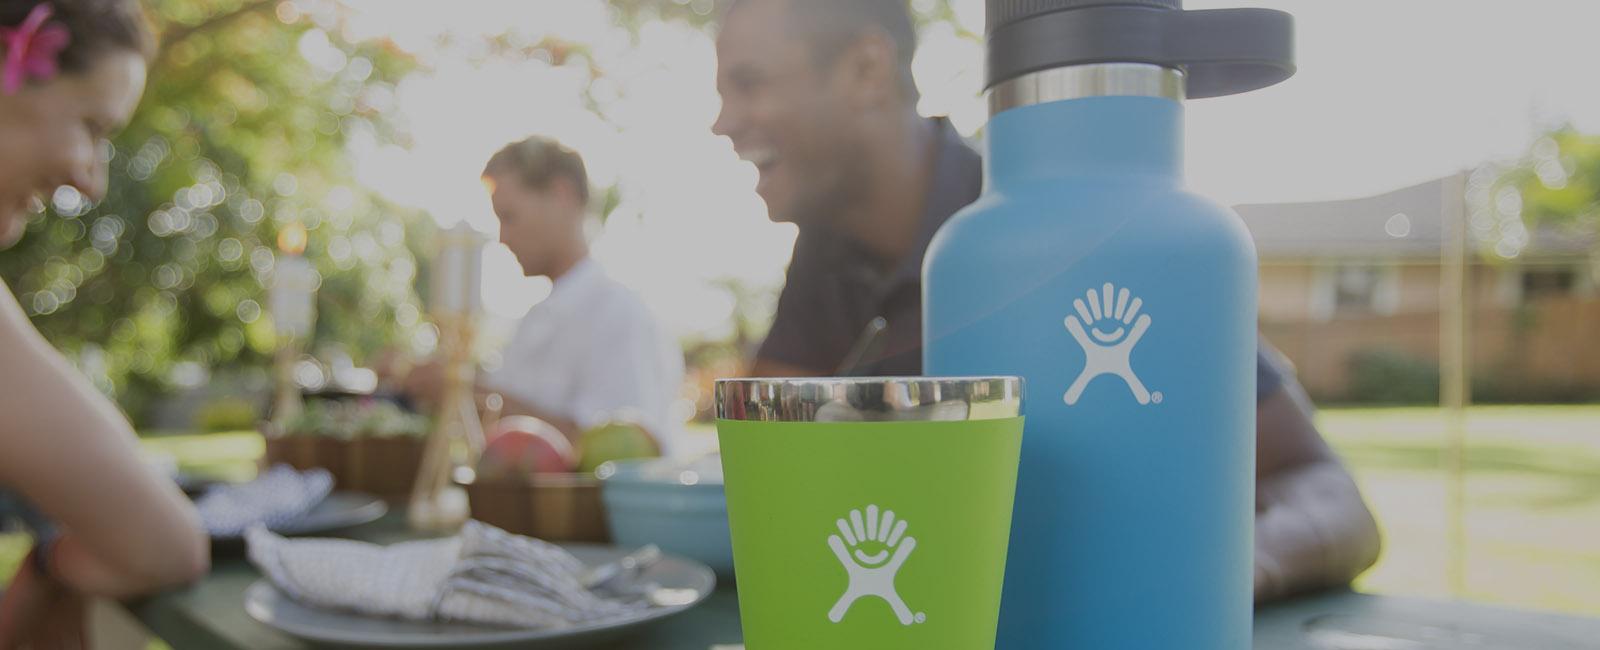 Hydro Flask Grower and Mug